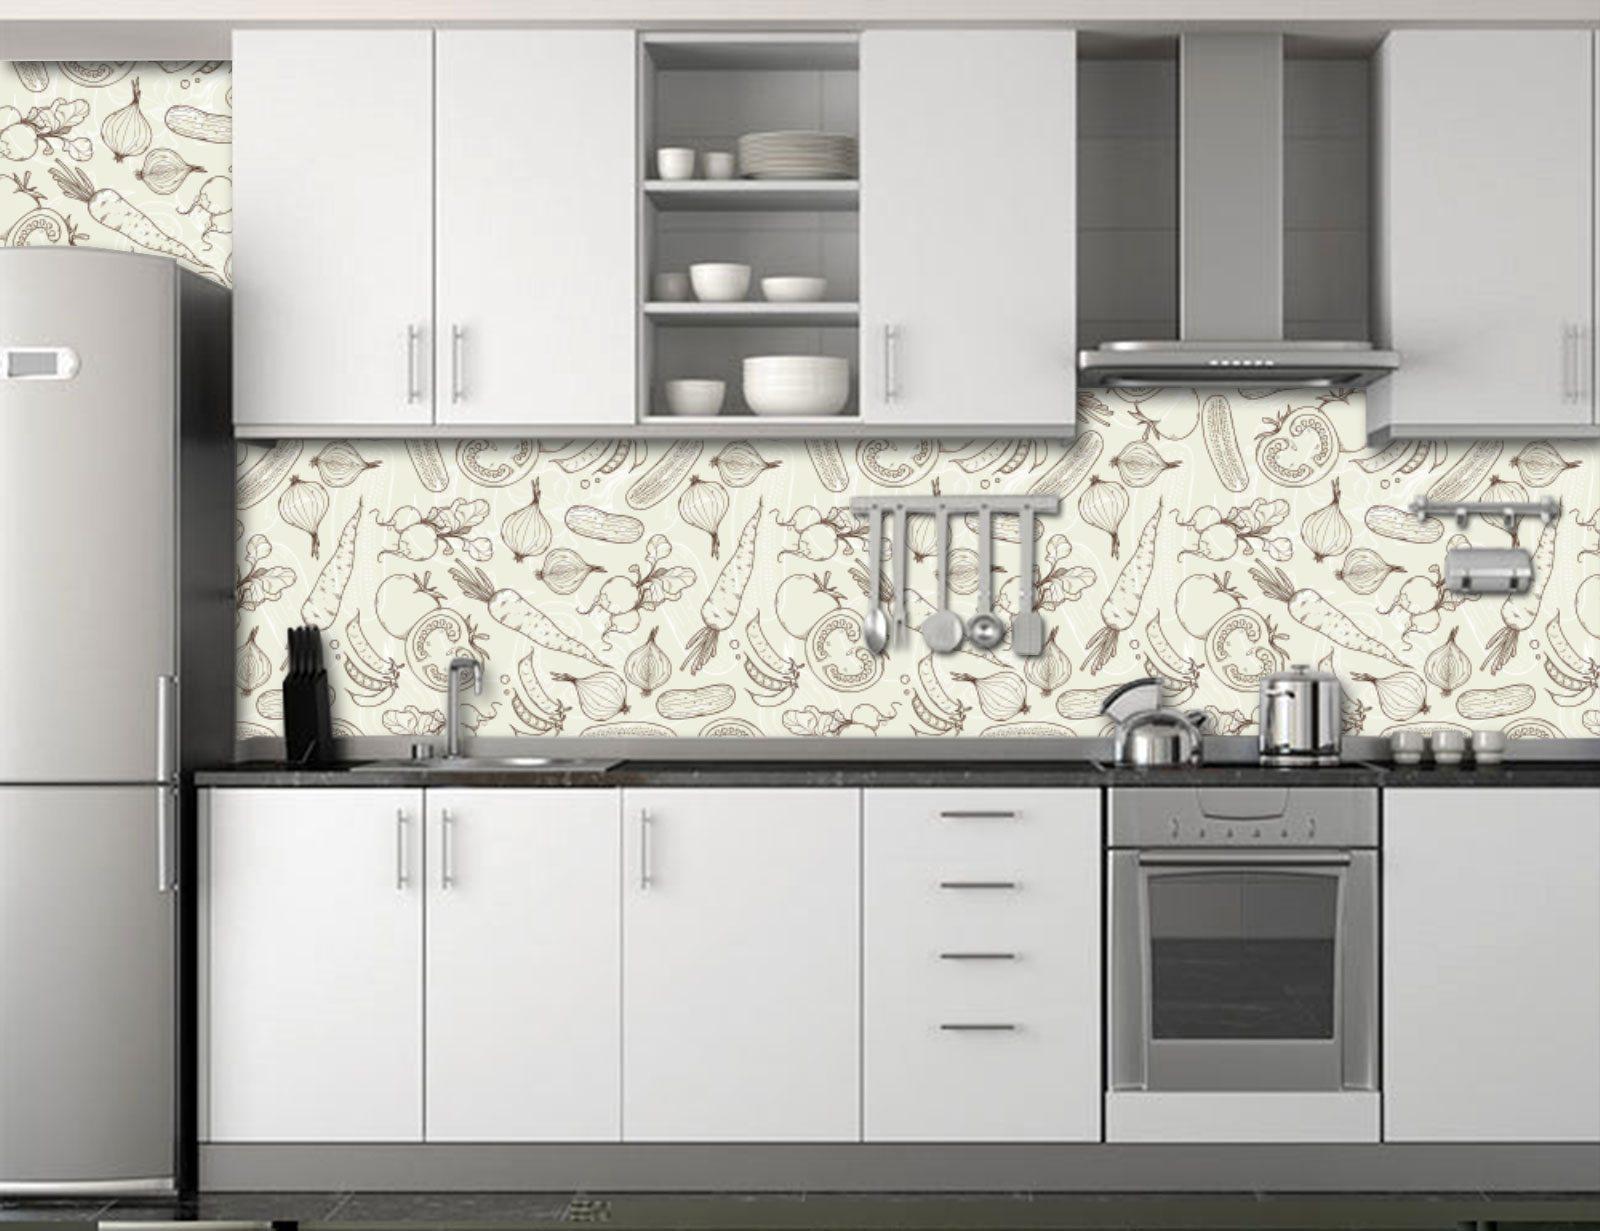 Cozinha decorada papel de parede v rios - Papel para revestir paredes ...